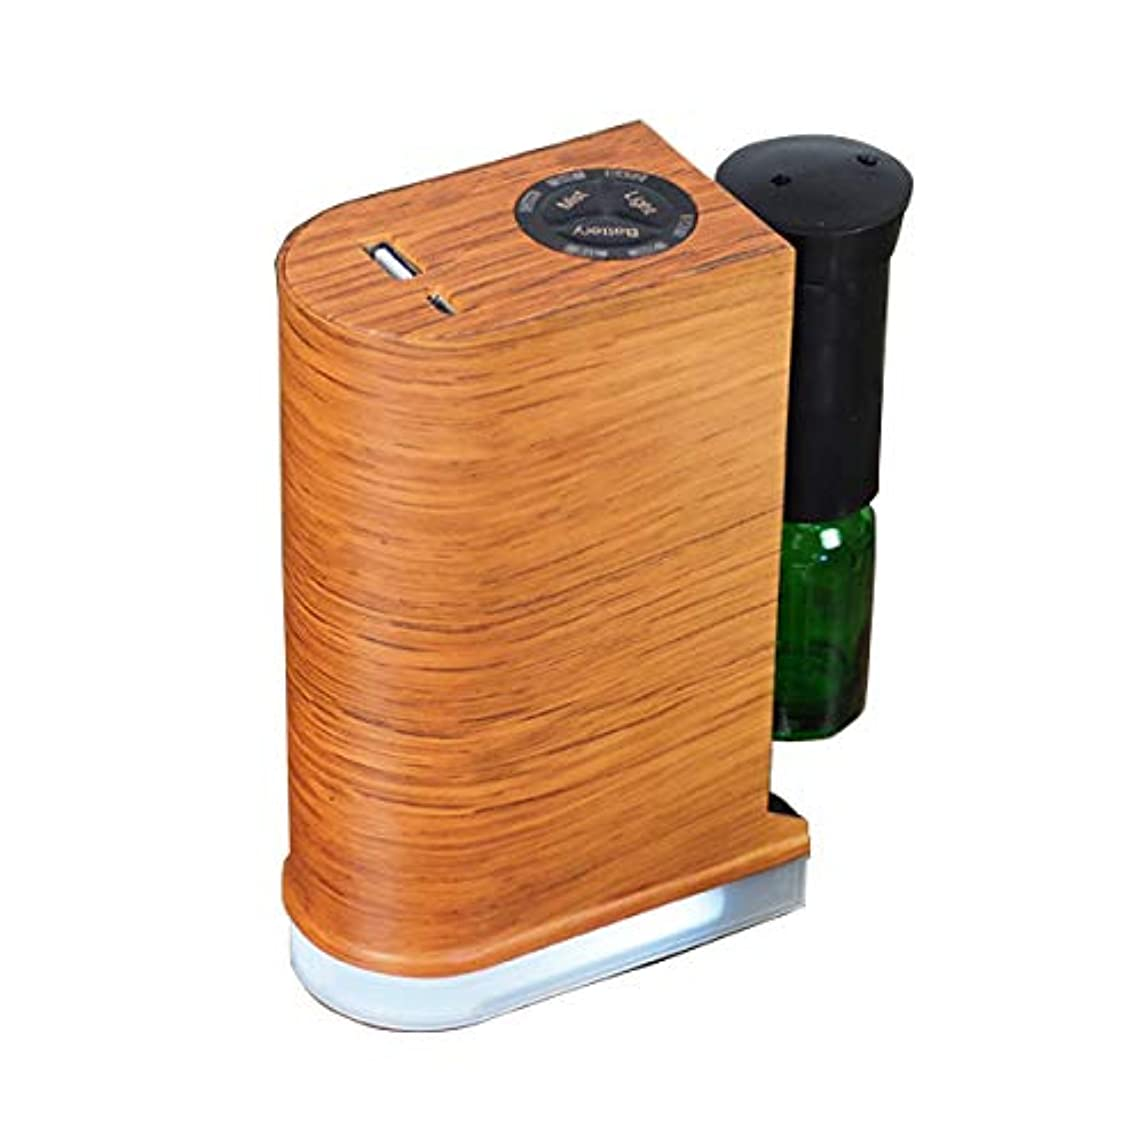 コンセンサス雷雨旋律的アロマデュフューザー 水を使わない ネブライザー式アロマディフューザー LED搭載 アロマオイル 精油 アロマ芳香 (ブラウン)